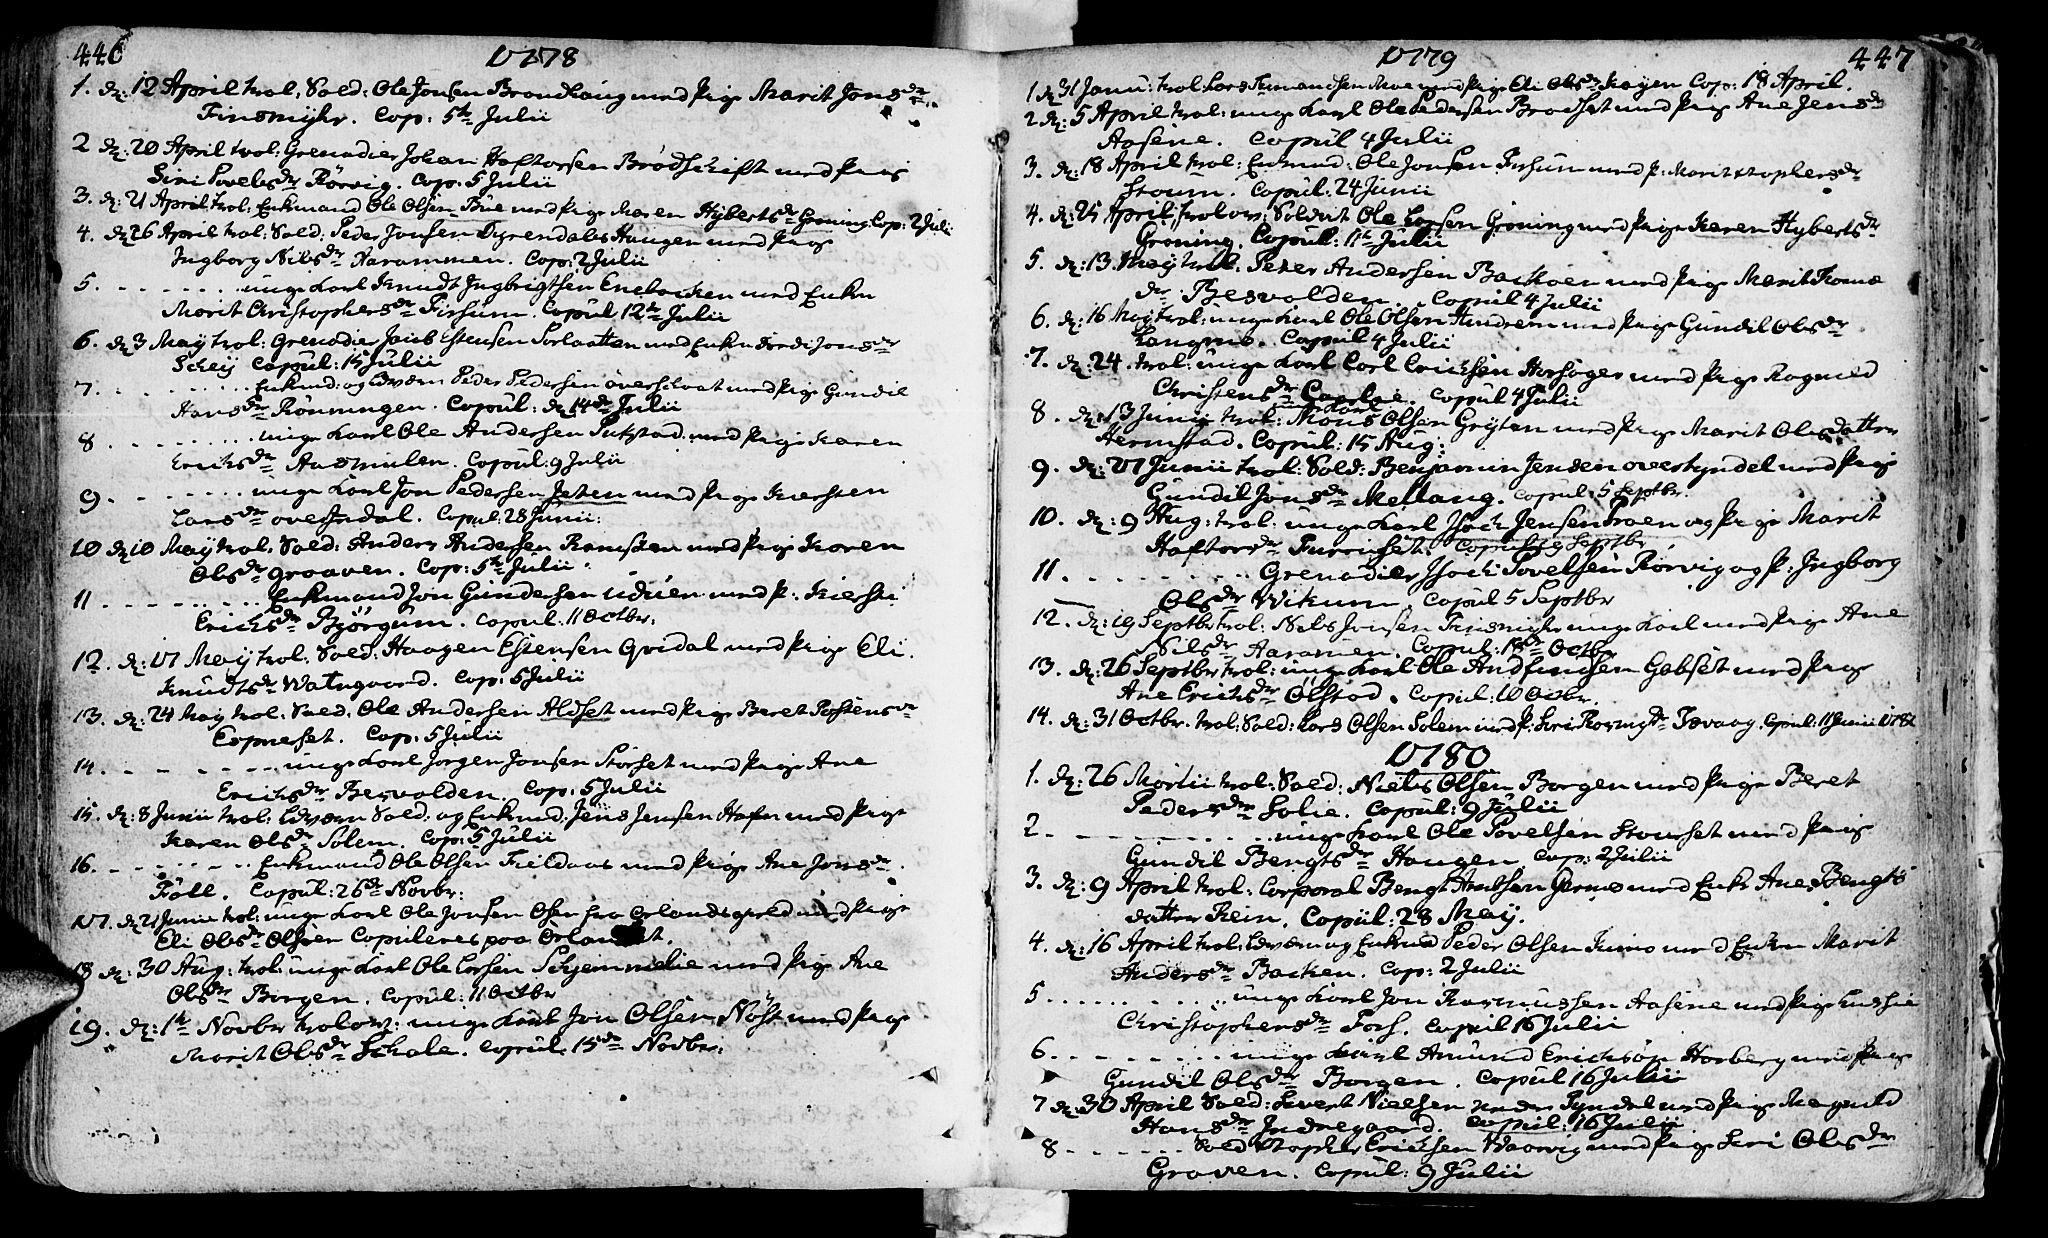 SAT, Ministerialprotokoller, klokkerbøker og fødselsregistre - Sør-Trøndelag, 646/L0605: Ministerialbok nr. 646A03, 1751-1790, s. 446-447